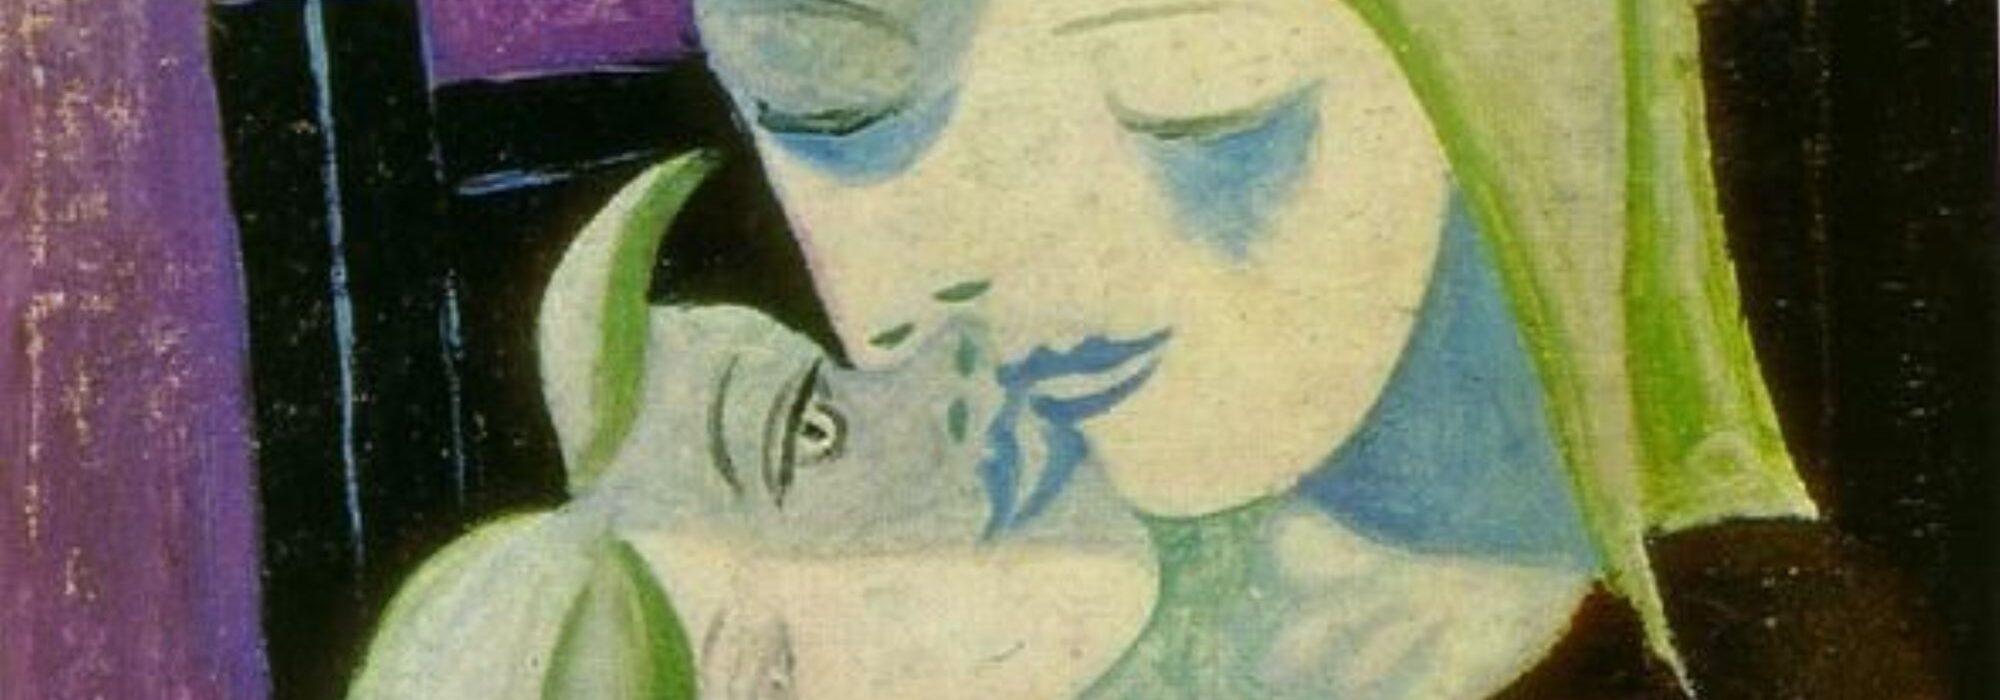 Imagem: Mulher e filho (Picasso, 1921, detalhe)